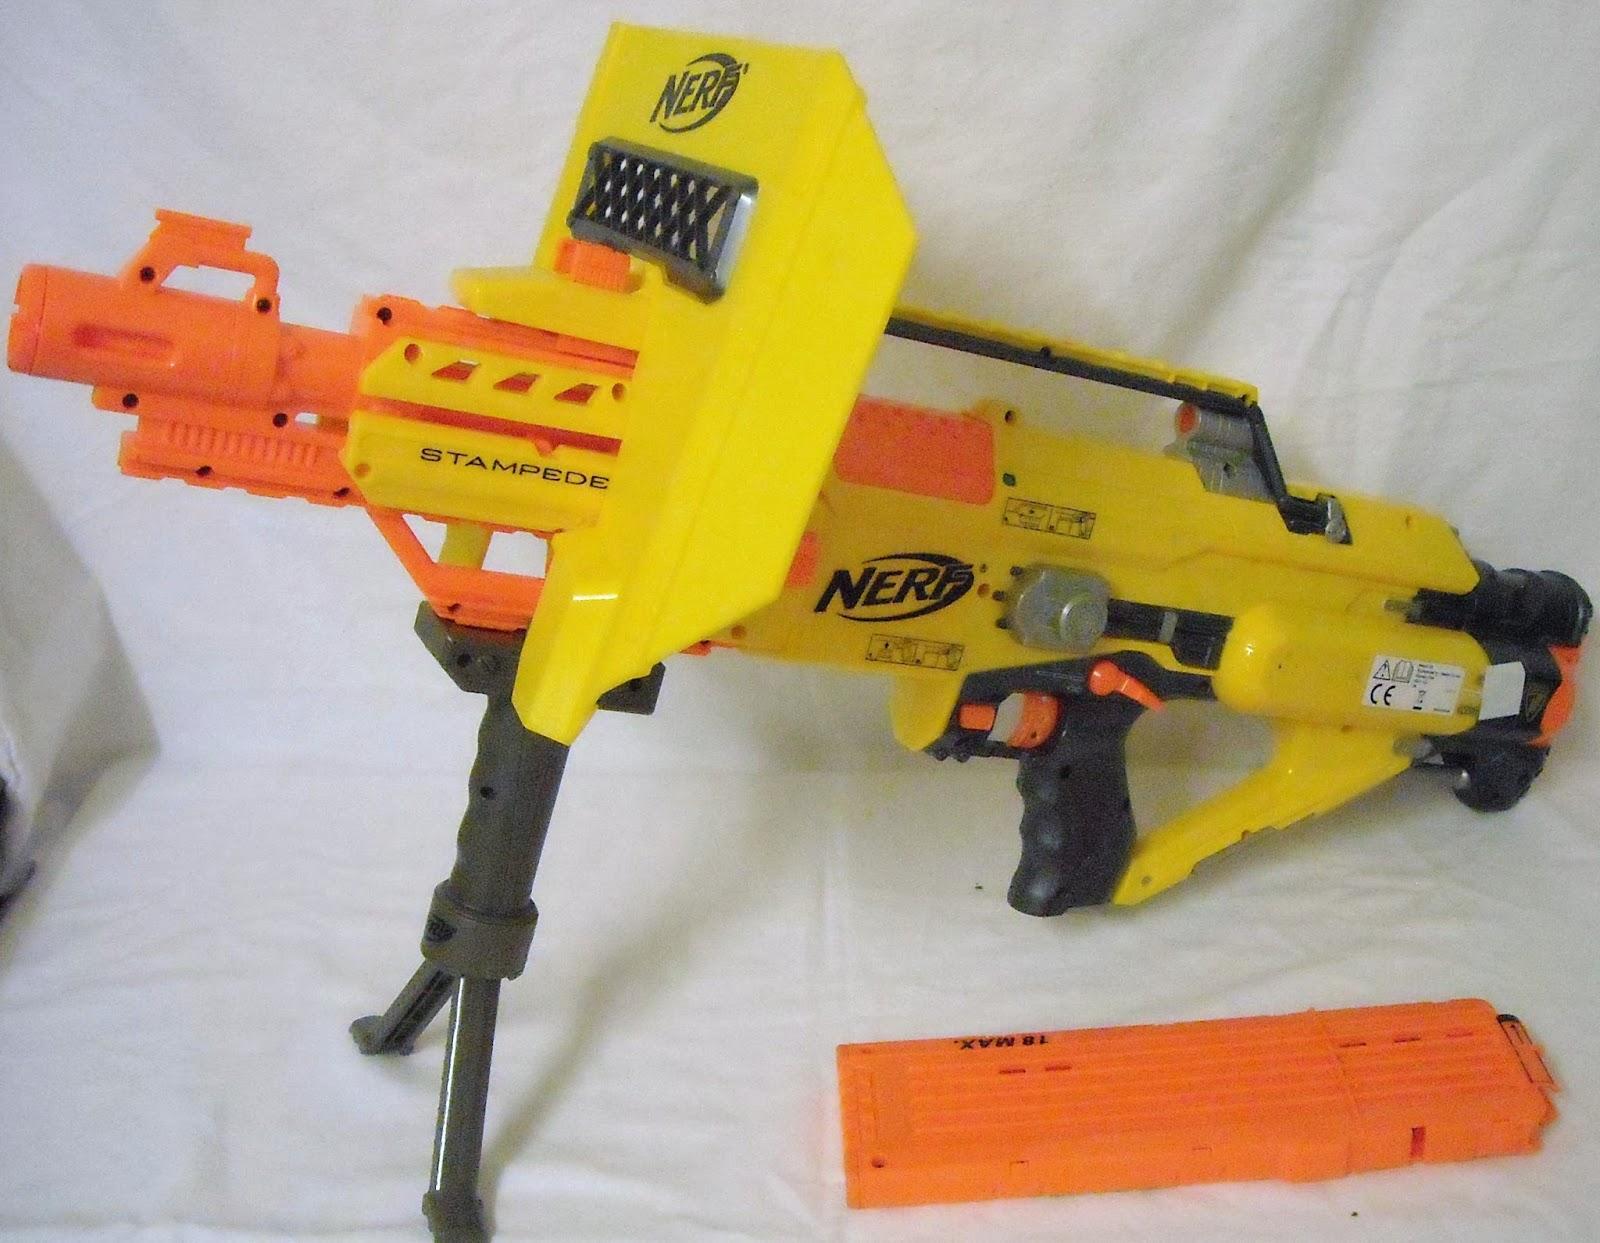 Ebay Seller Life Bolo Nerf Guns